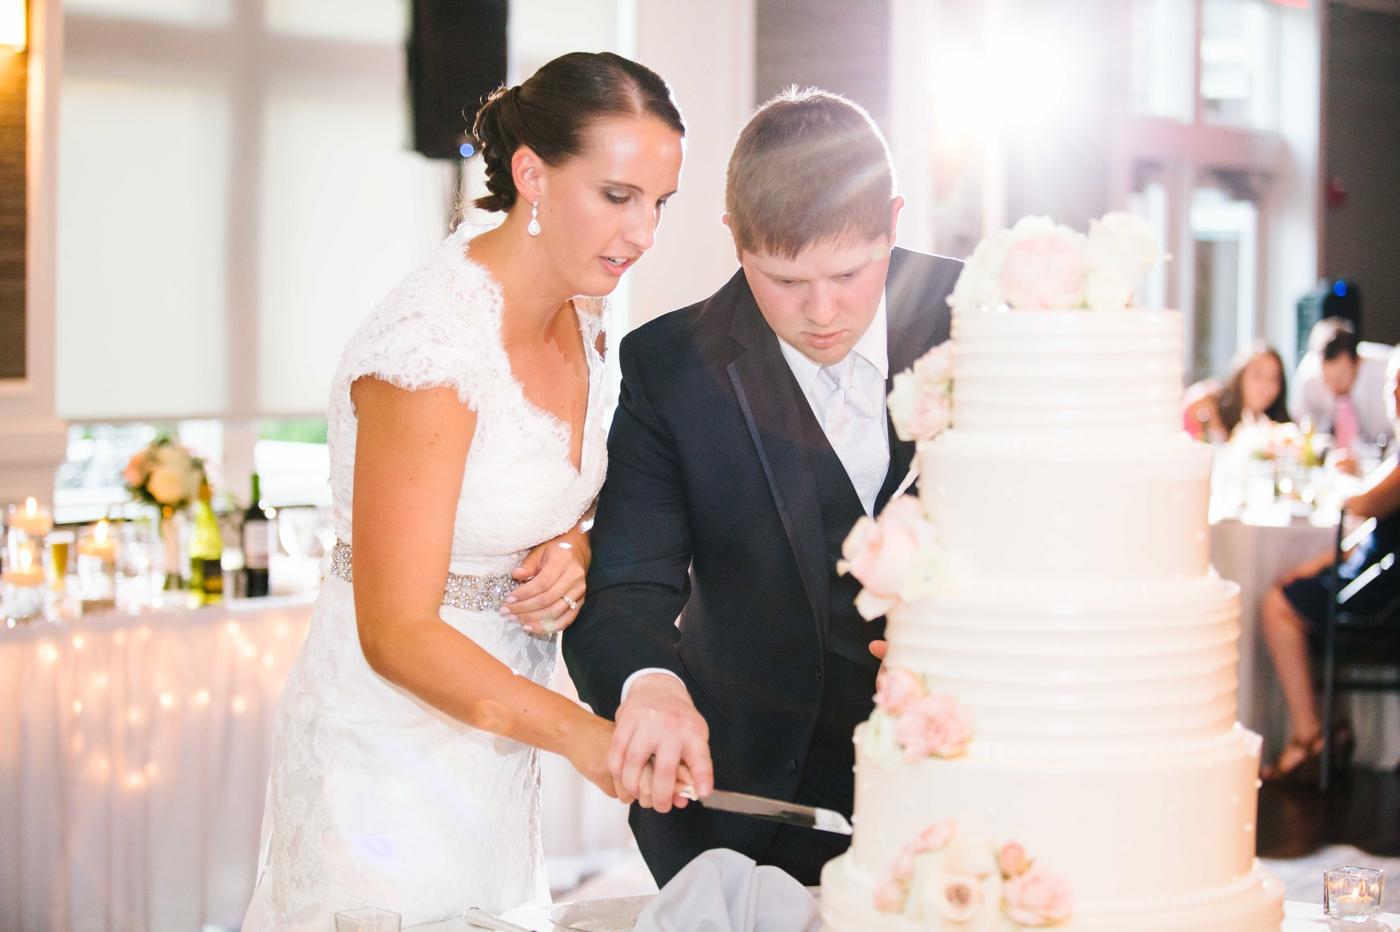 chicago-fine-art-wedding-photography-neuendank39